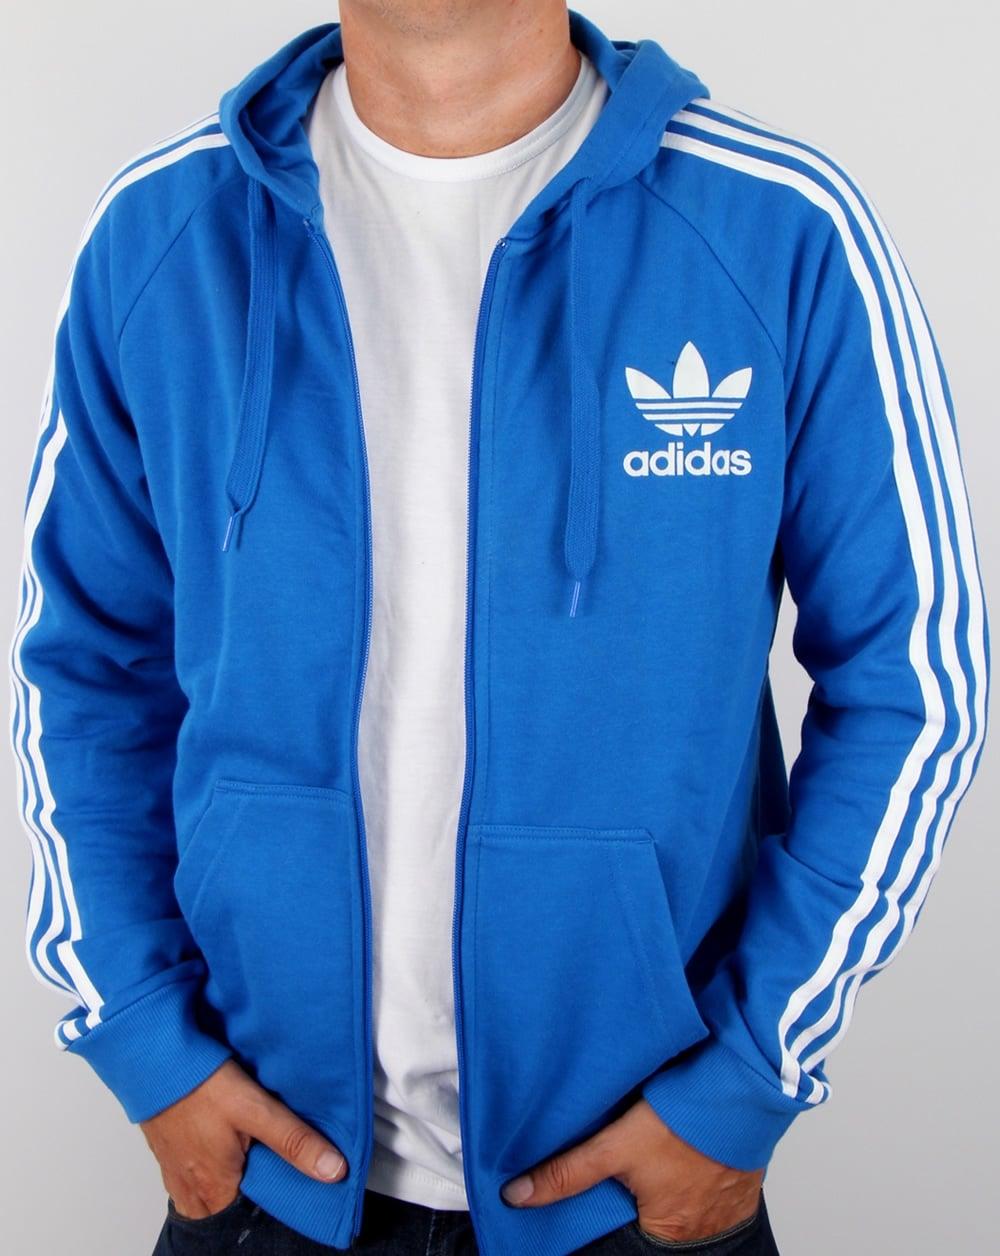 Adidas Originals California Full Zip Hoody Bluebird ec3a9af60